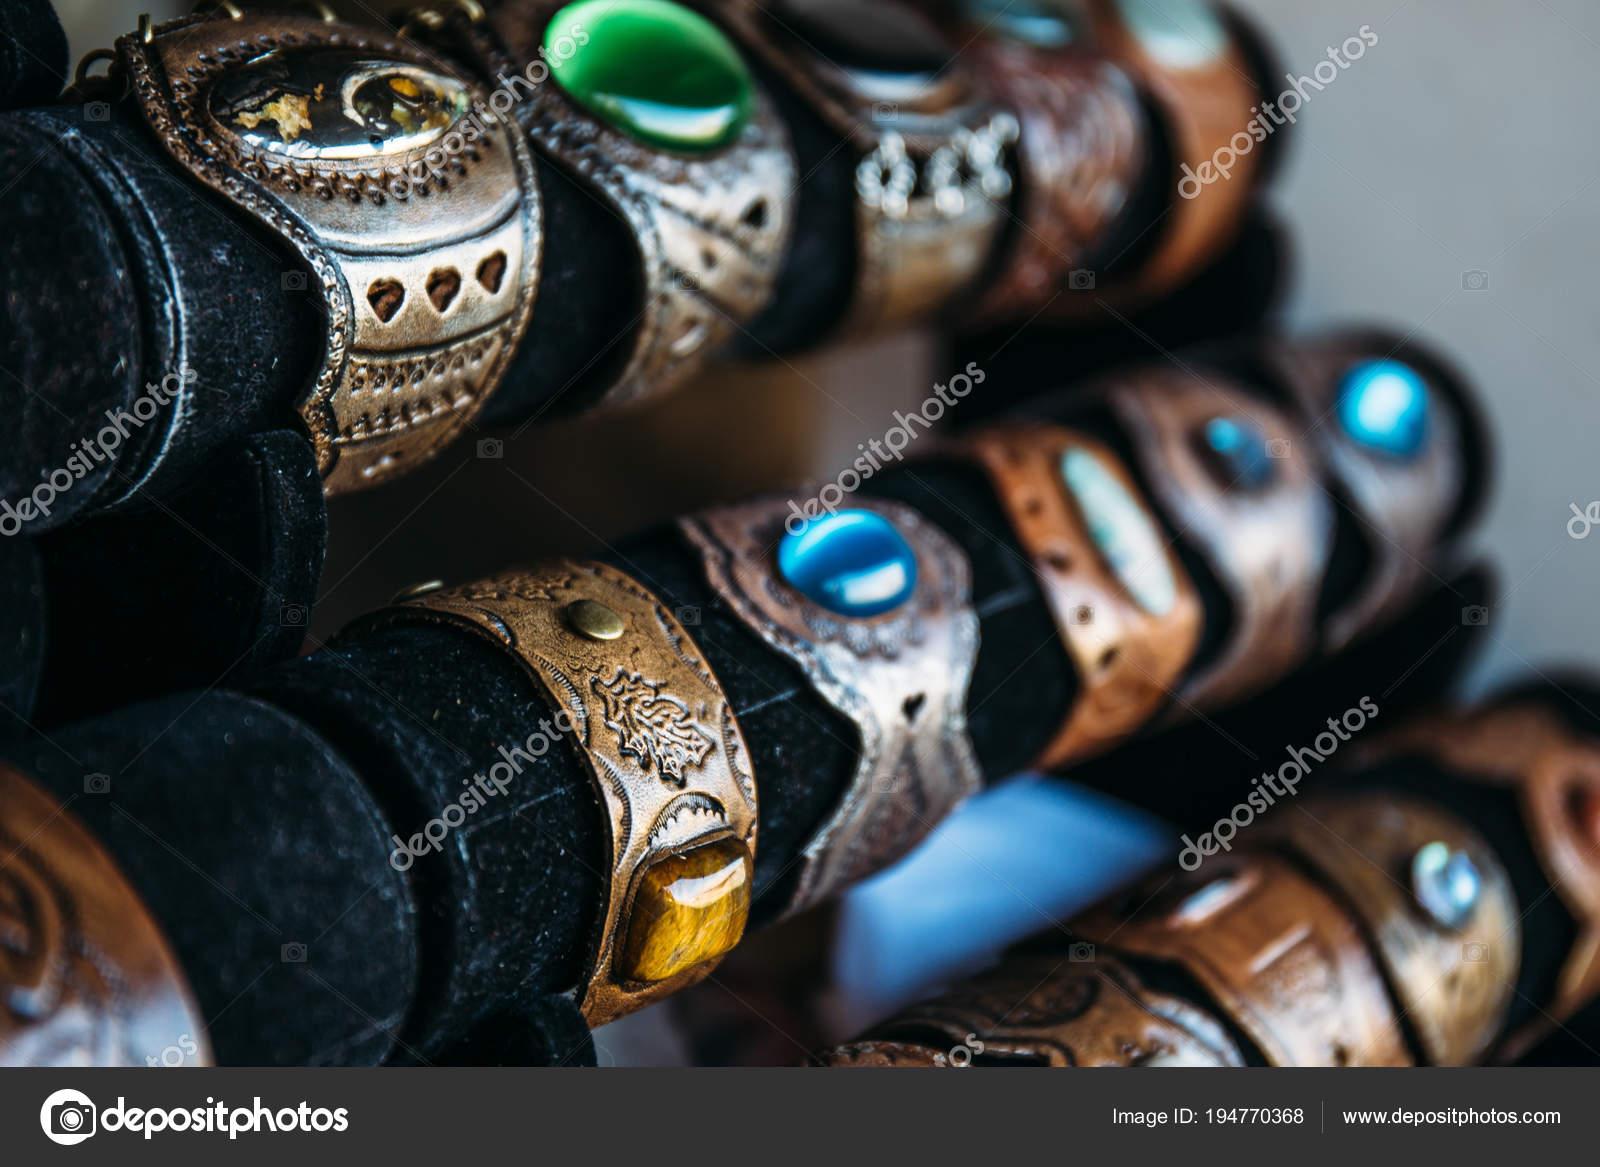 d8ab1cdc414d Pulseras de cuero hechas a mano con piedras o pulseras